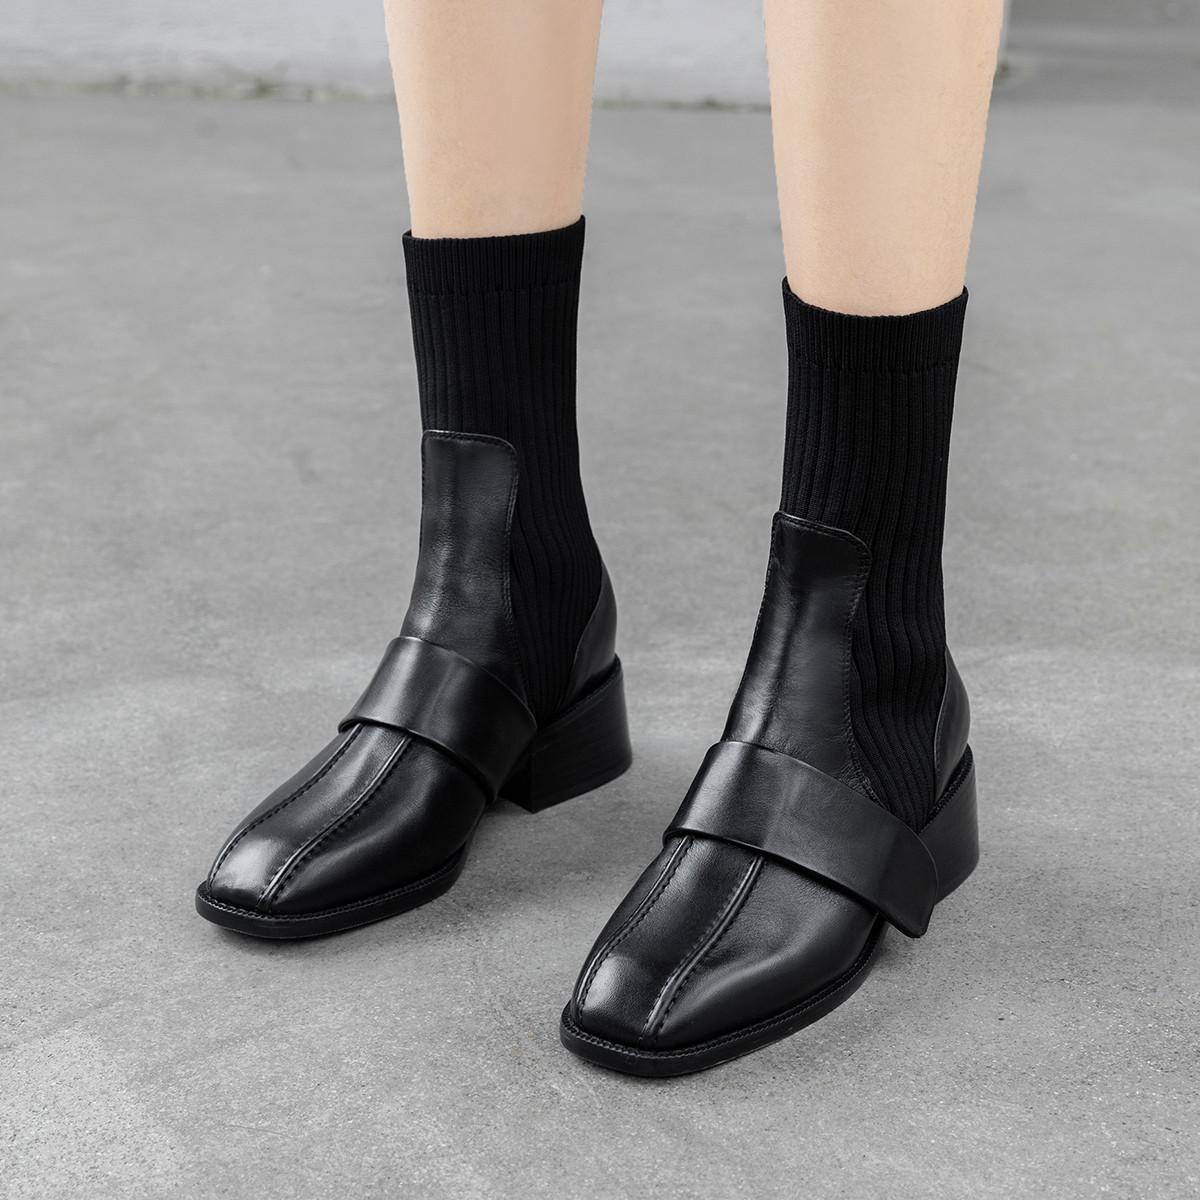 【专柜清仓】艾米娜头层牛皮女短靴弹力靴毛线女靴子短筒休闲靴